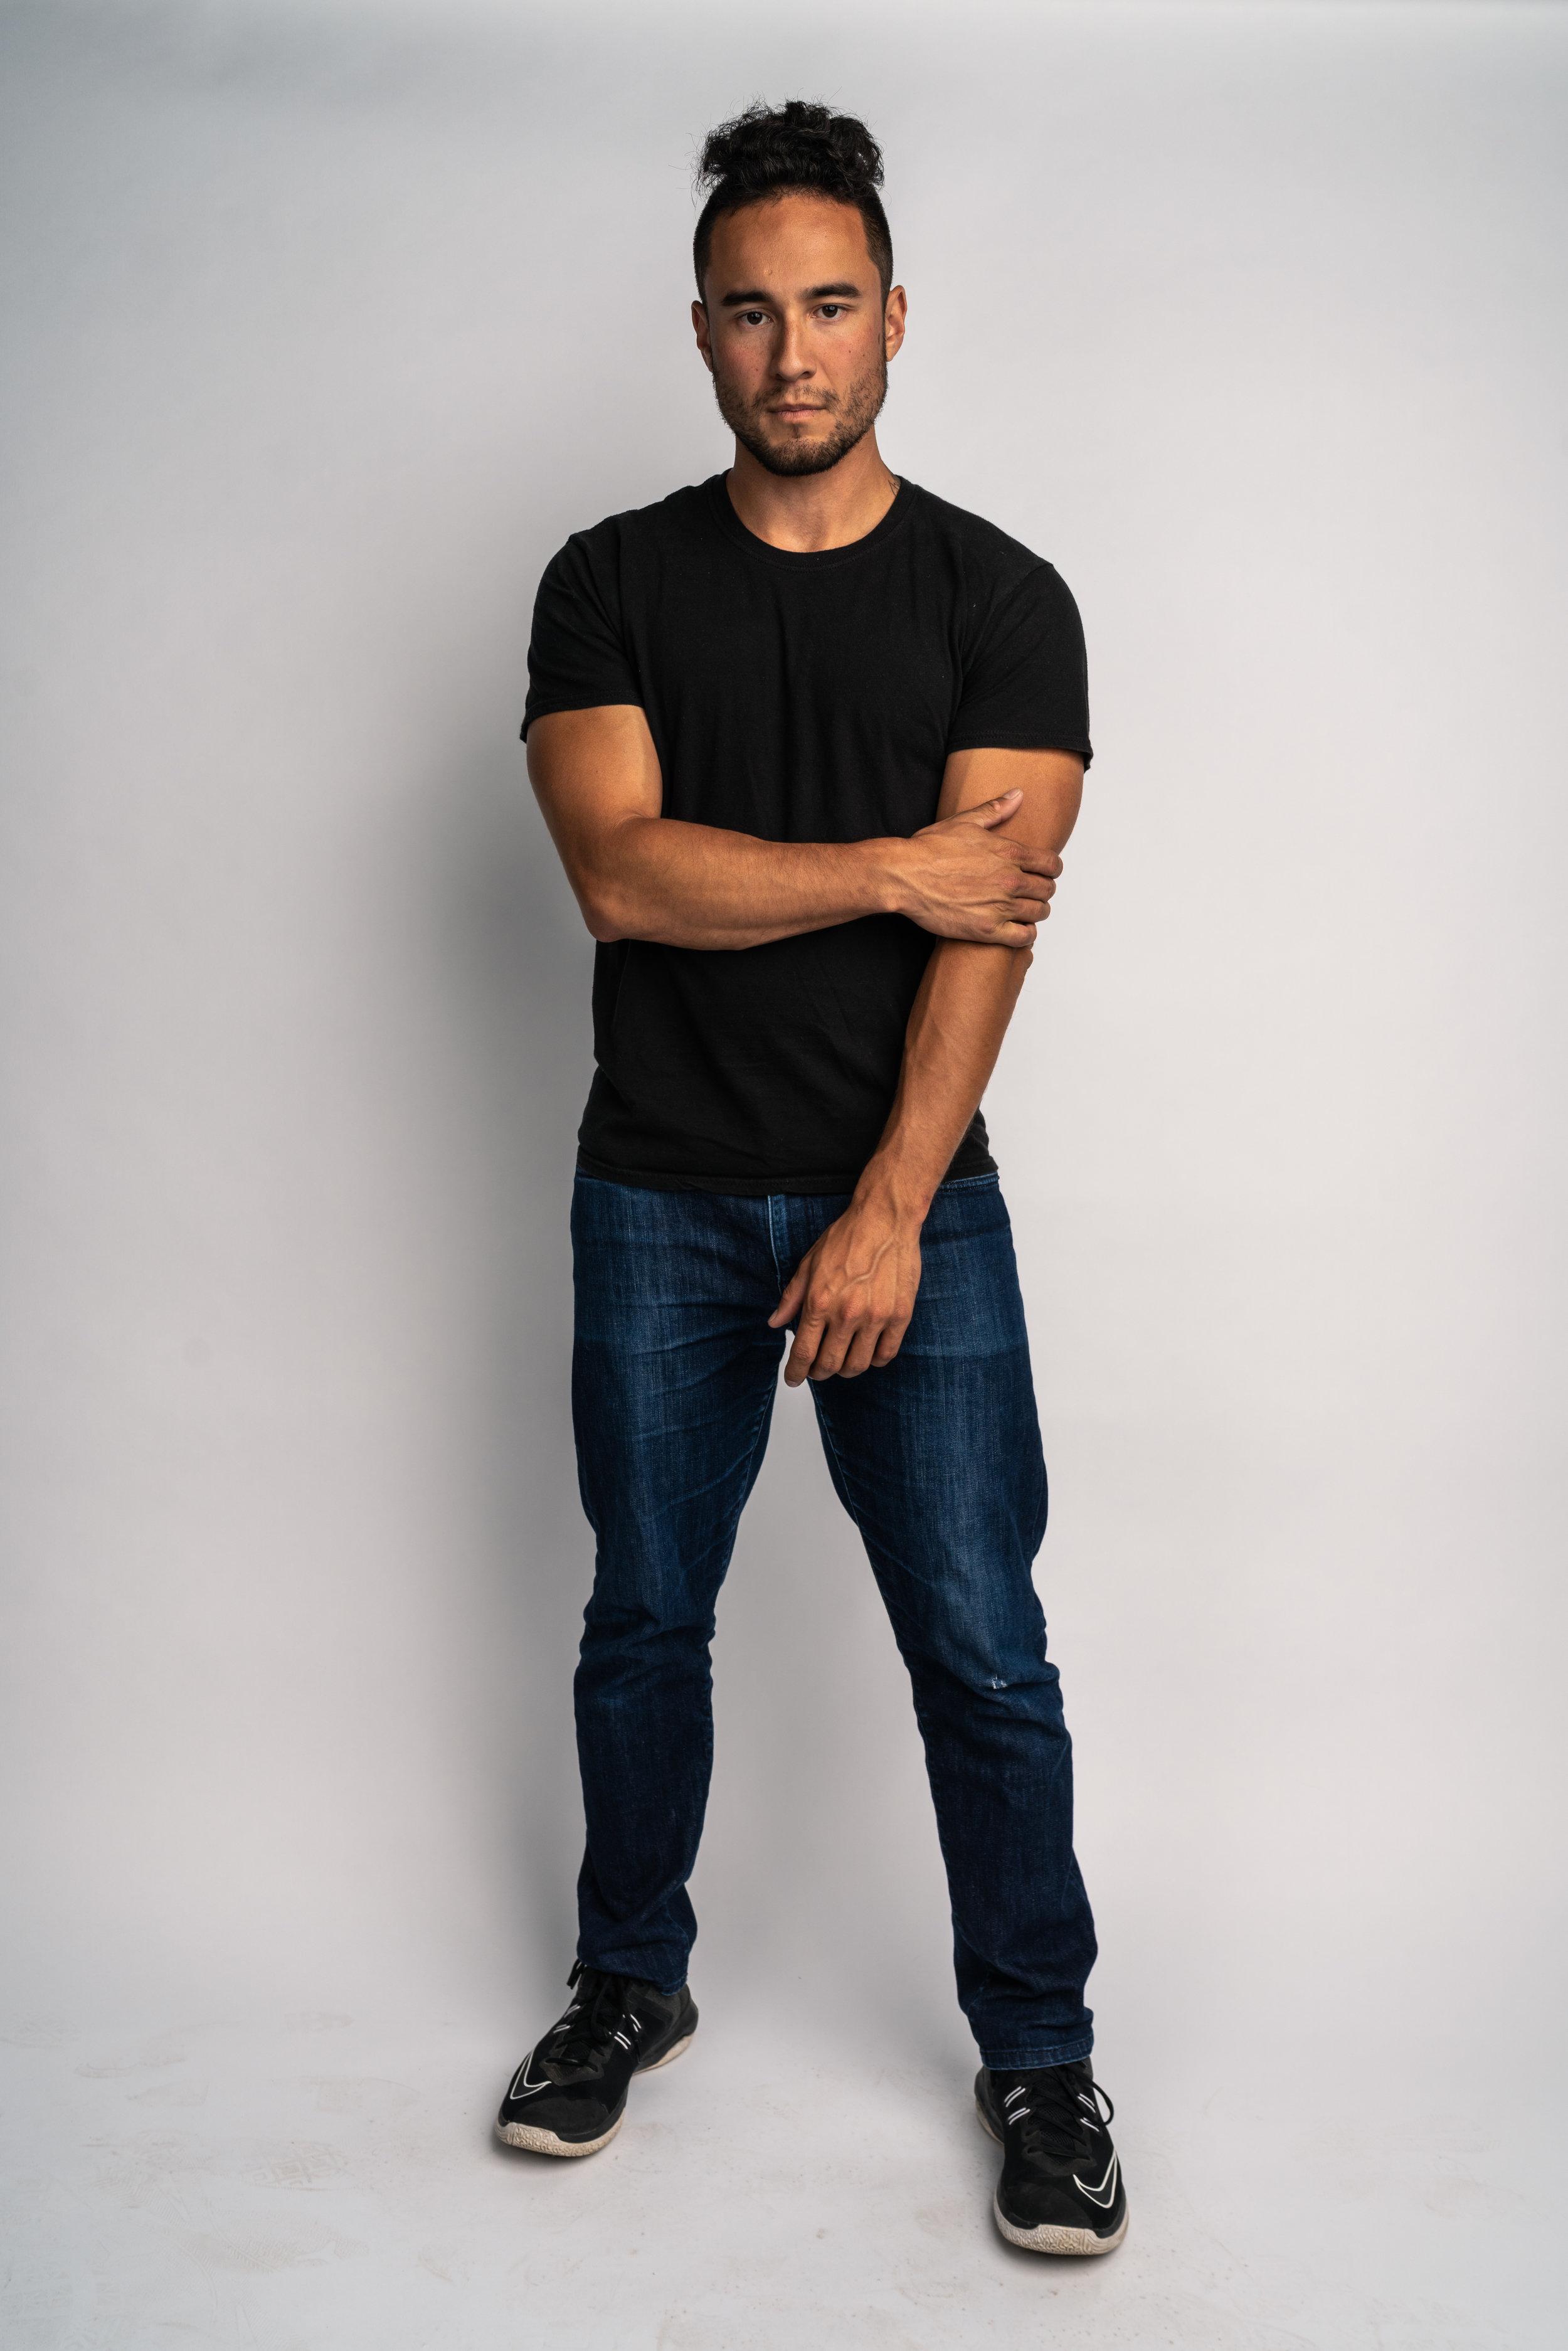 Jay Austin - Co-Founder, CEO